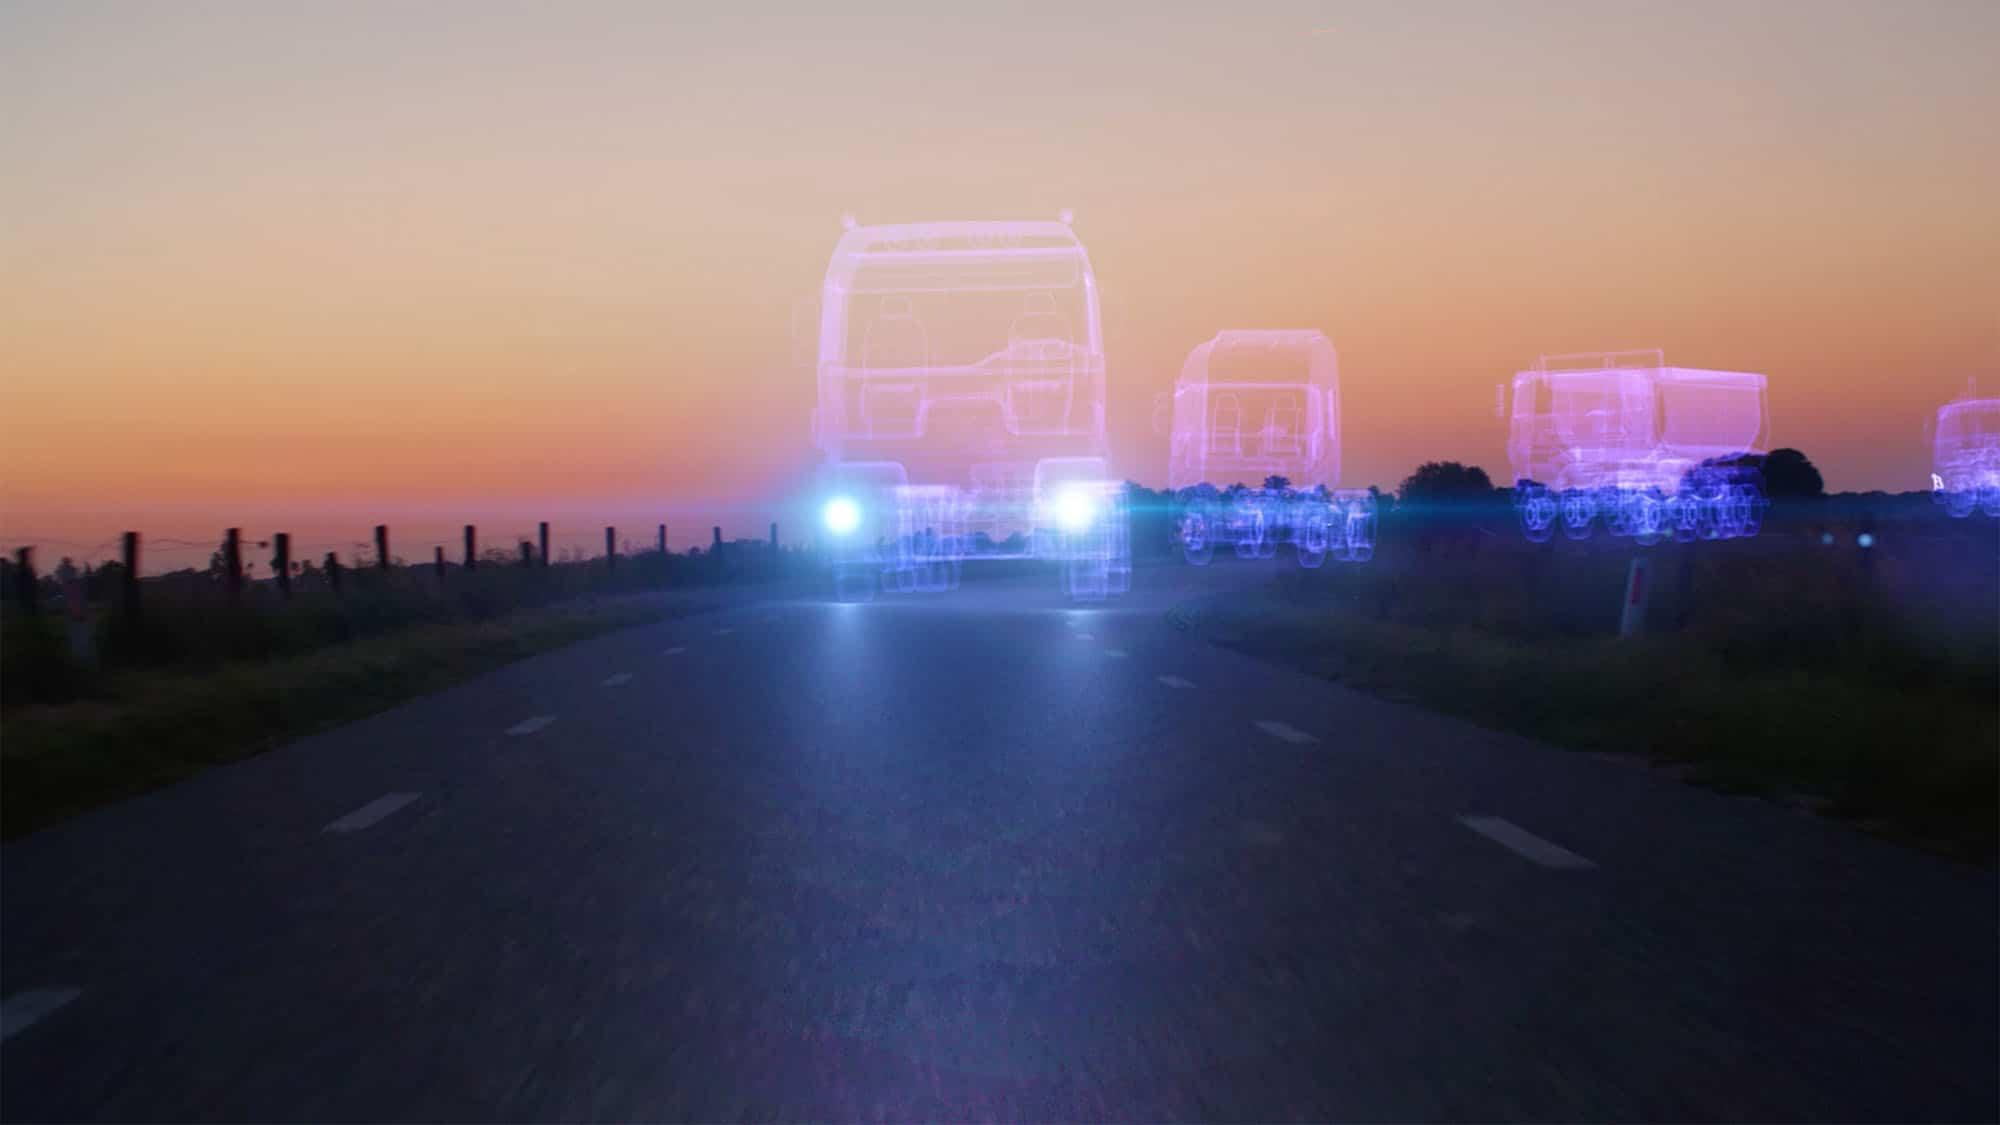 Holograms van vrachtwagen die over straat rijden